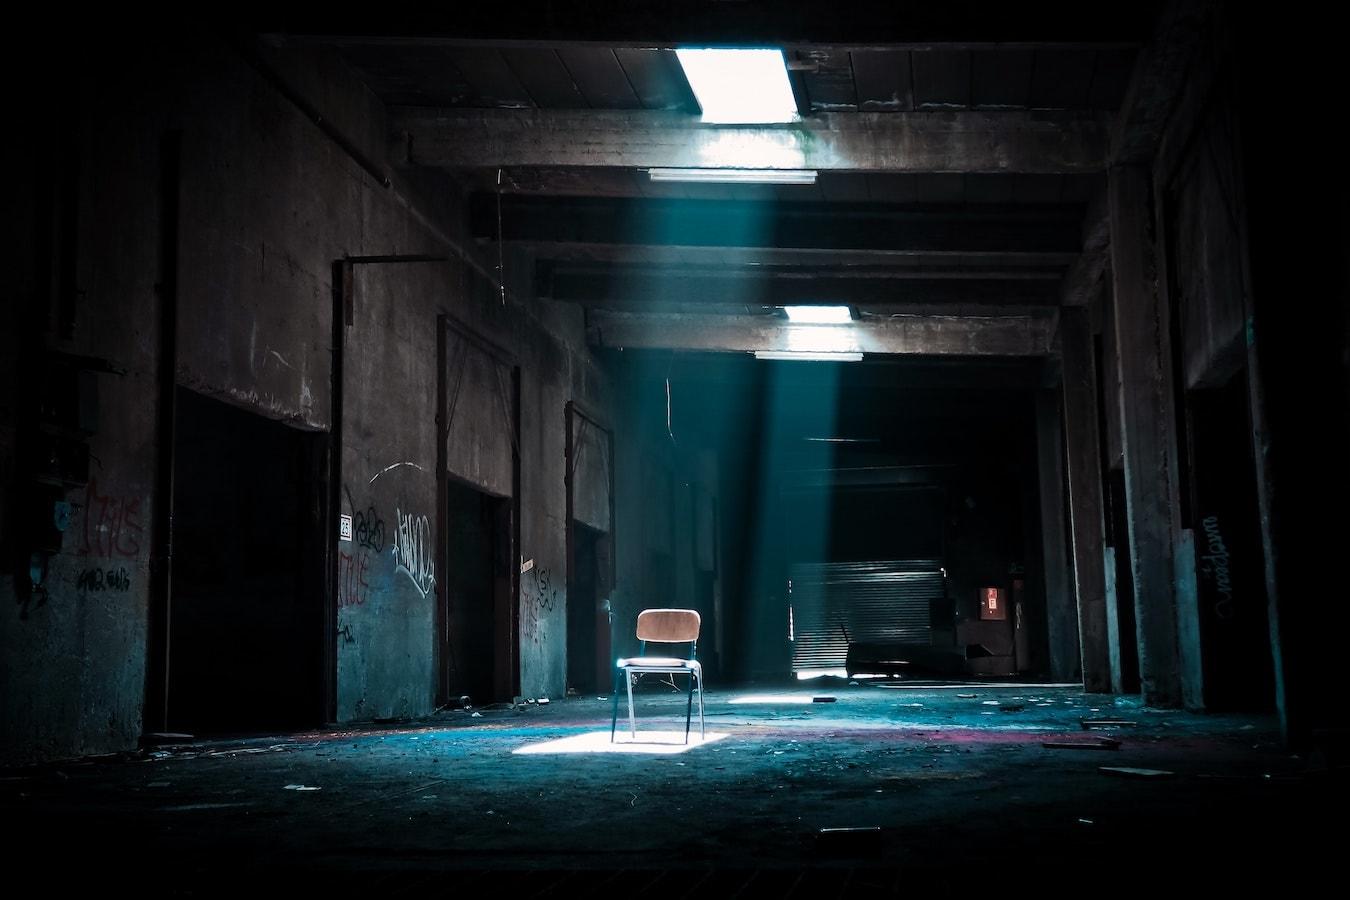 Stuhl in einem leeren dunklen verlassener Raum